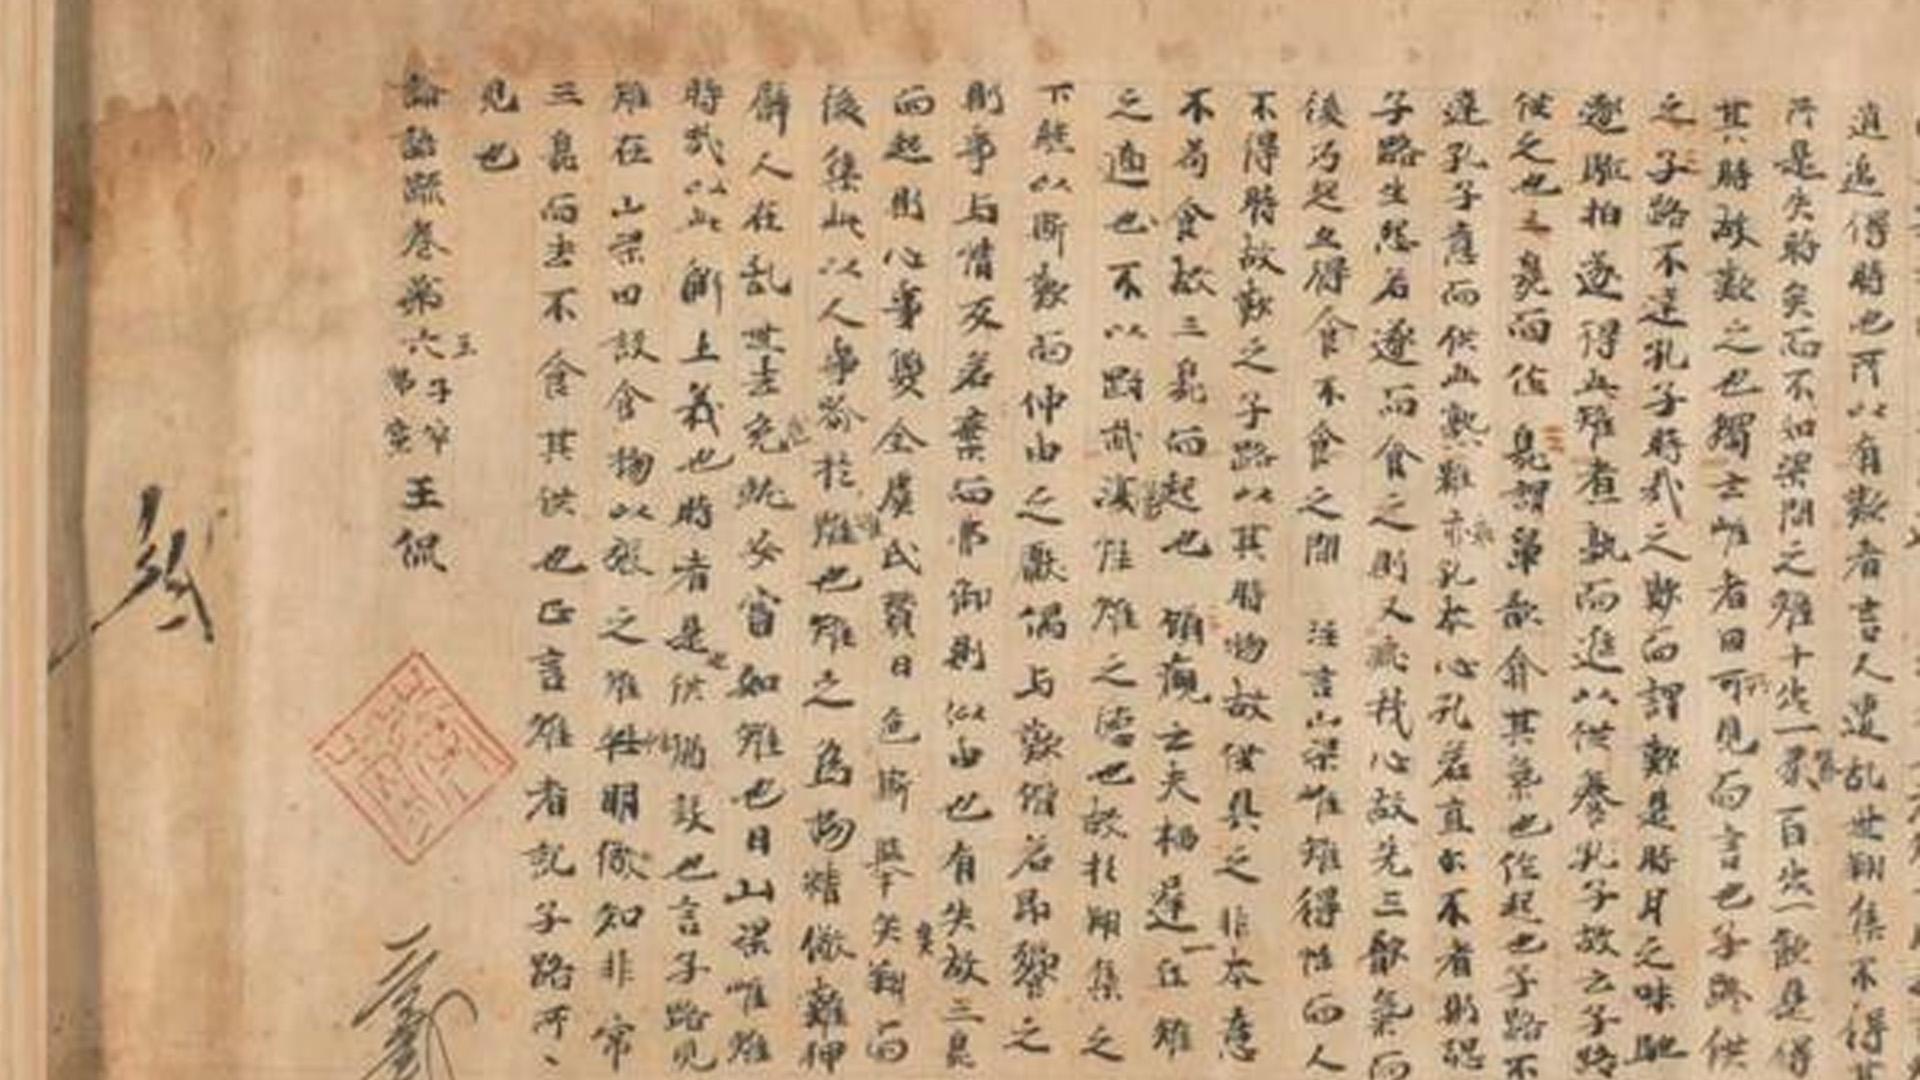 Especialistas de la Universidad de Keio, Japón, hallan el manuscrito más antiguo de las enseñanzas de Confucio